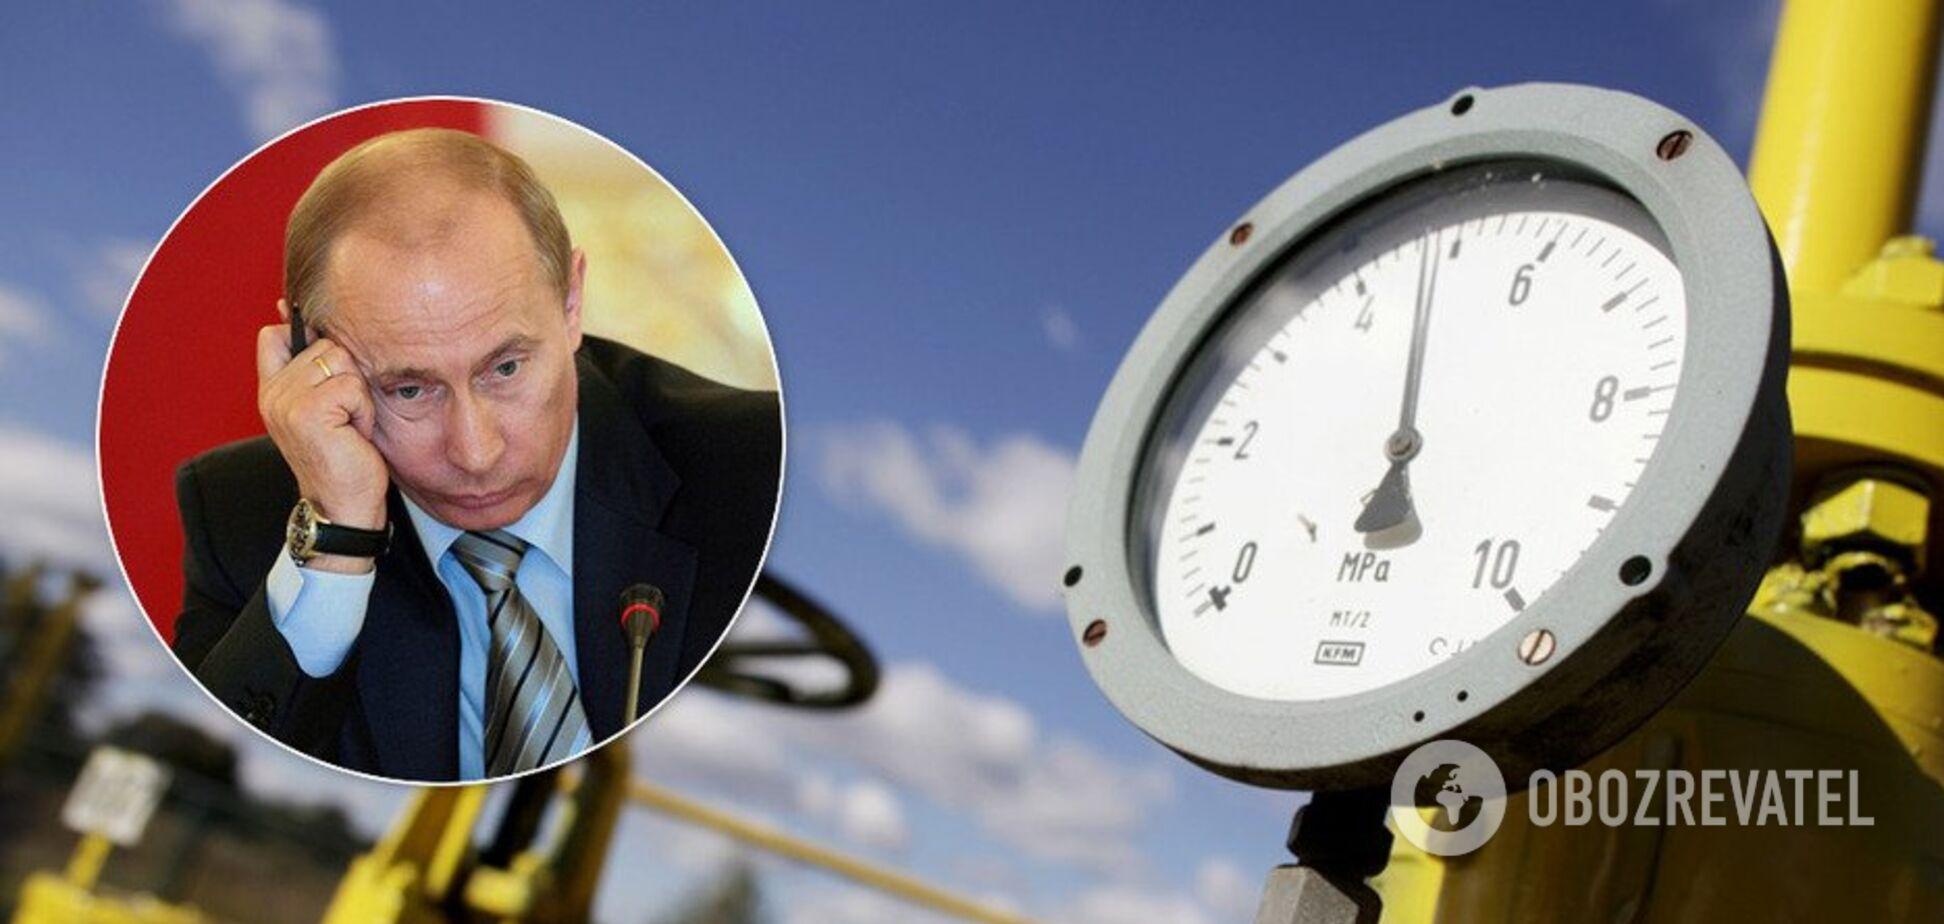 Россия лишилась газовой монополии: Украина впервые провела транзит между странами ЕС